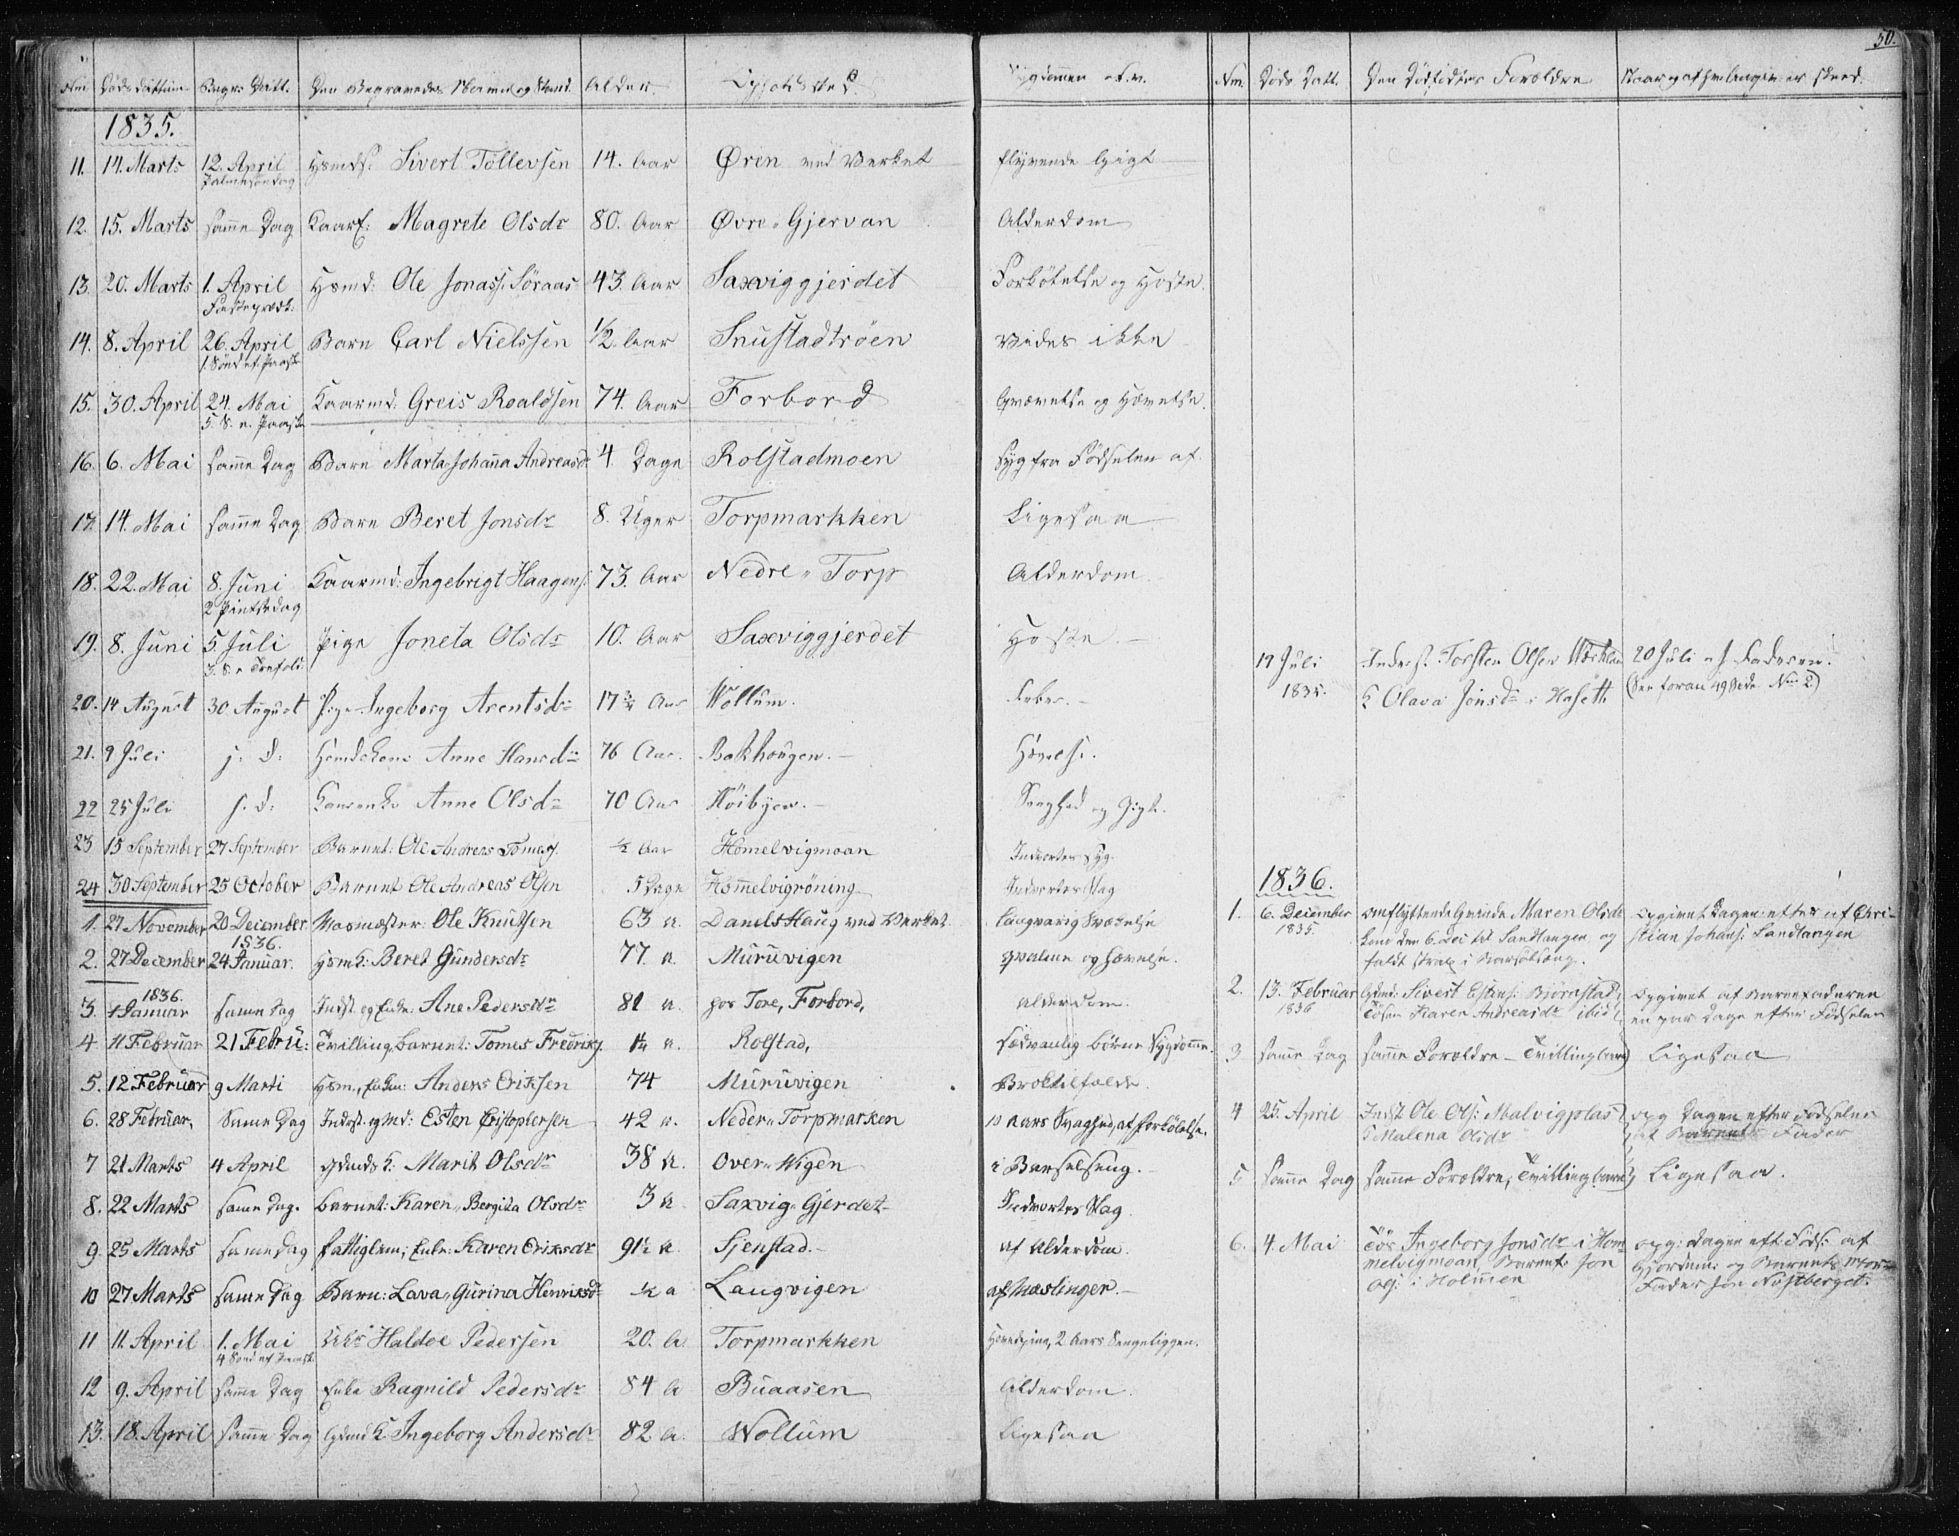 SAT, Ministerialprotokoller, klokkerbøker og fødselsregistre - Sør-Trøndelag, 616/L0405: Ministerialbok nr. 616A02, 1831-1842, s. 50